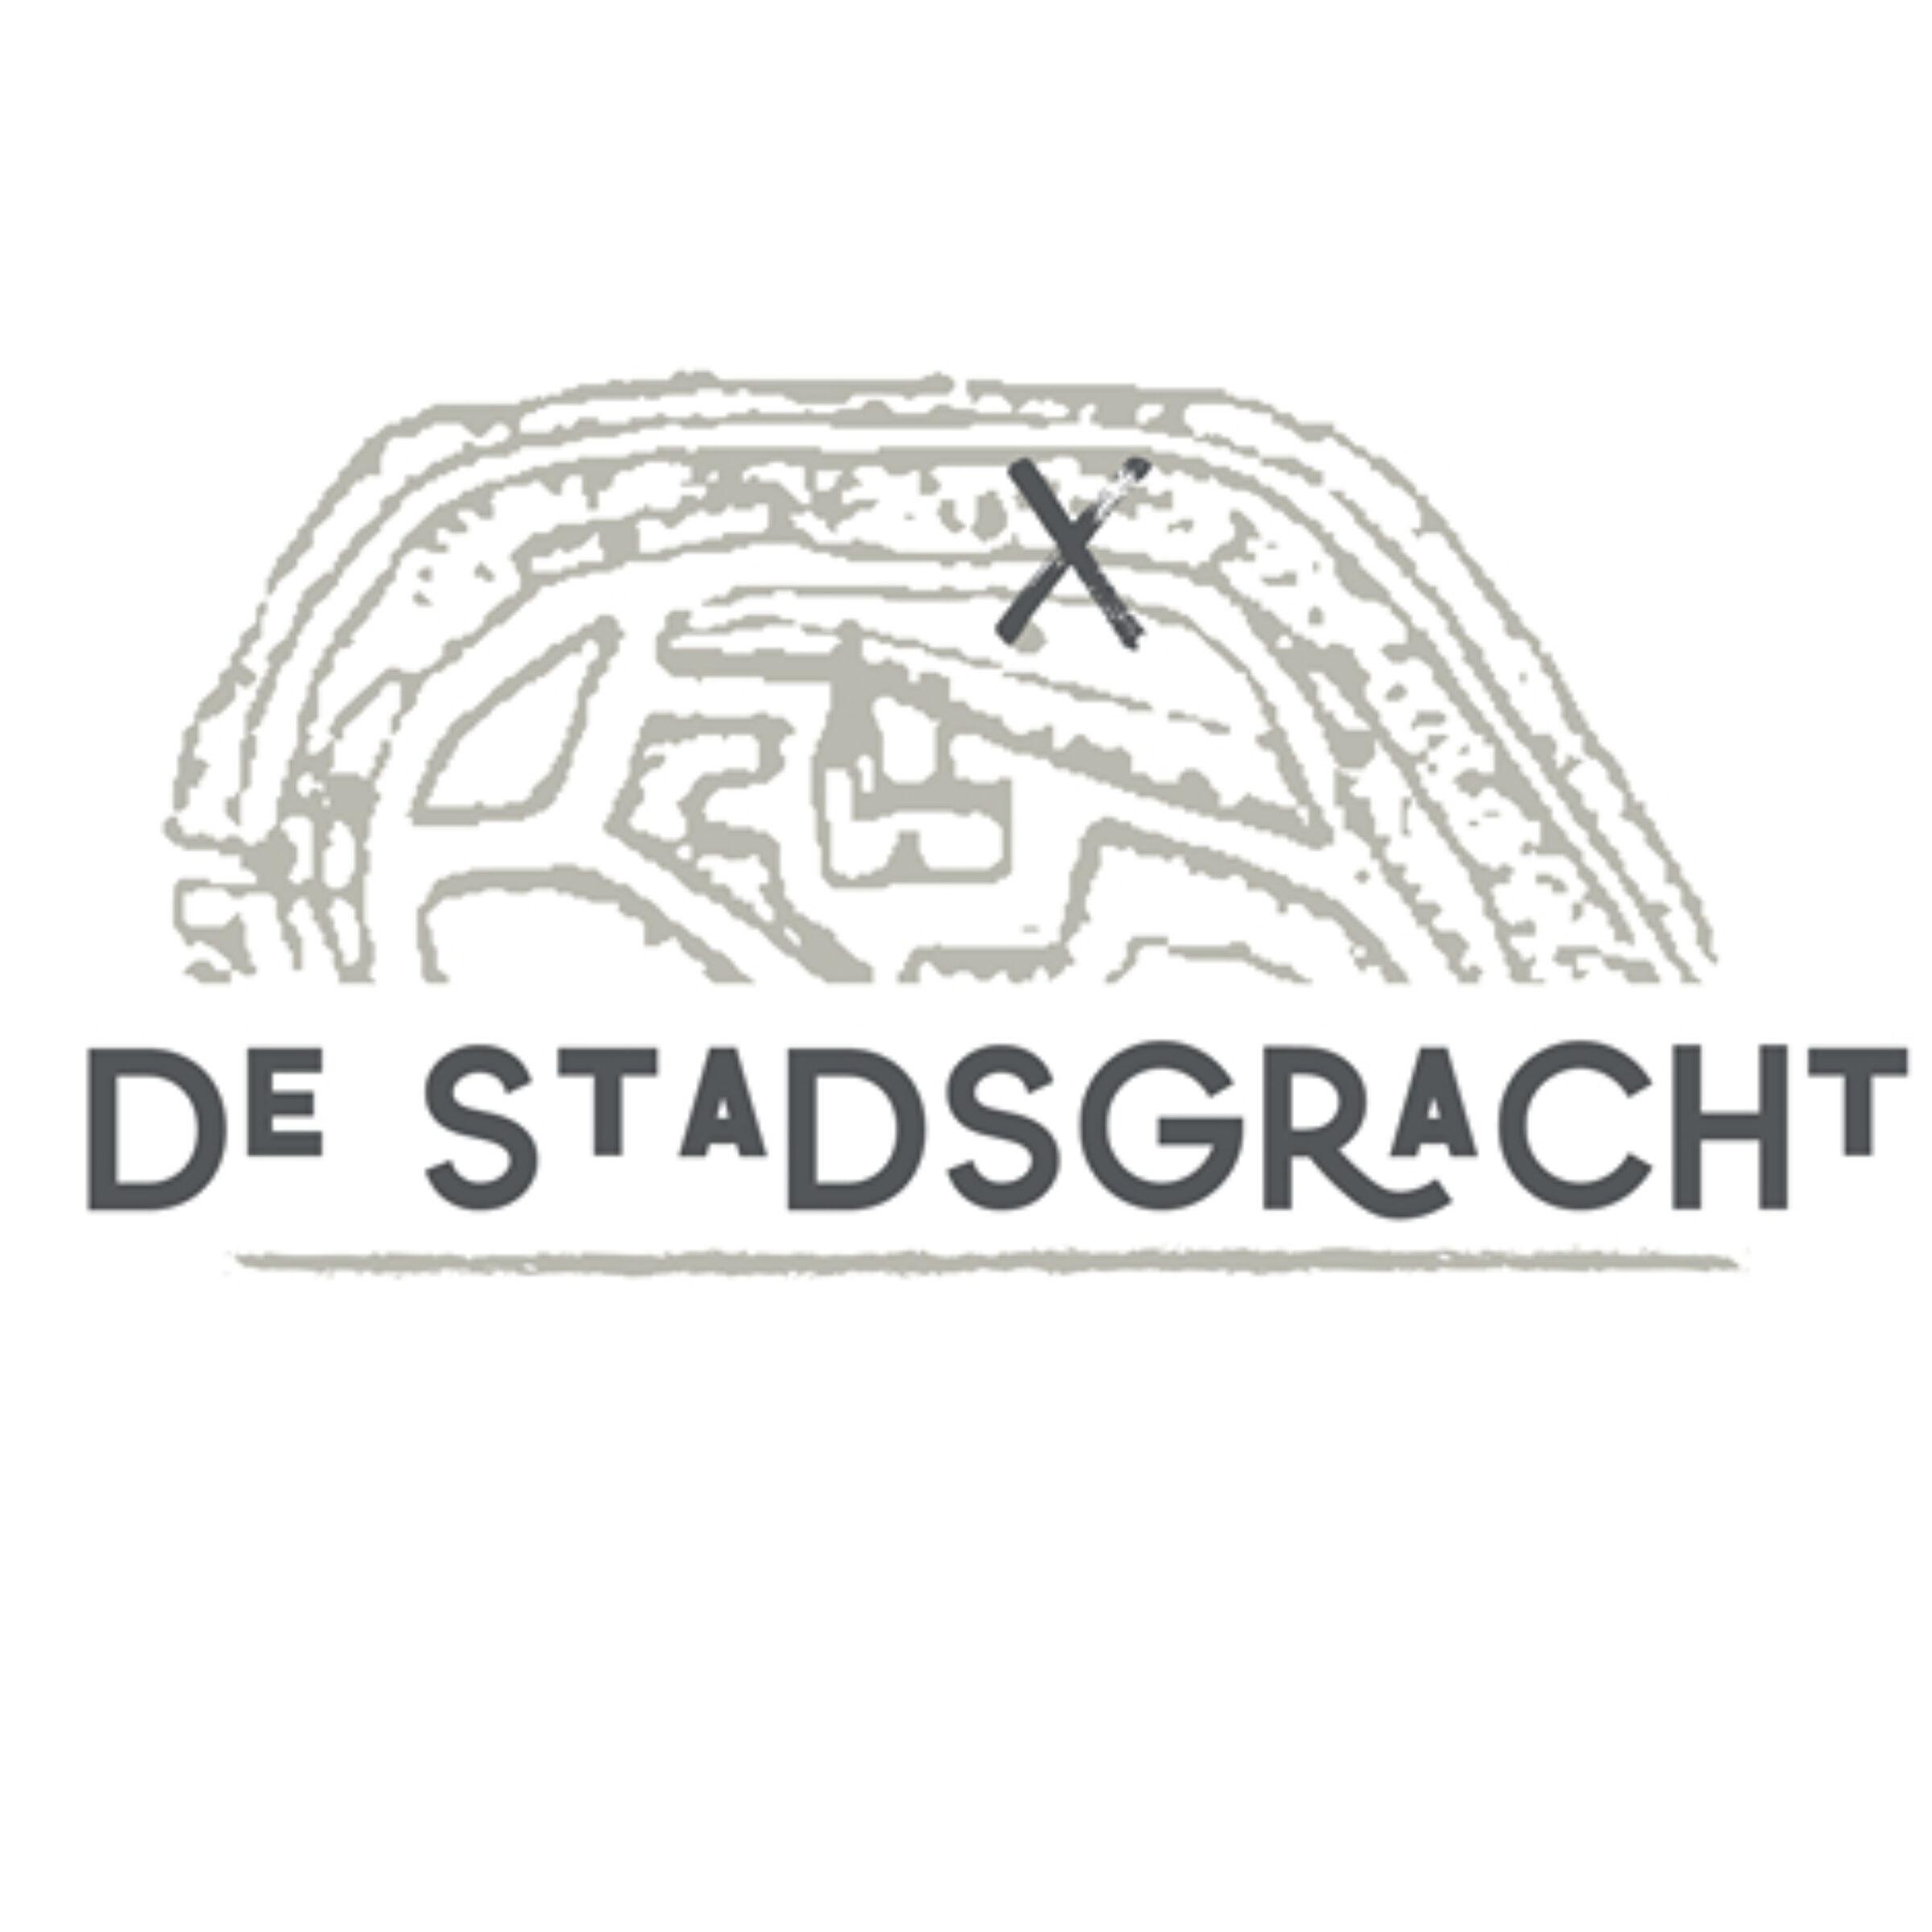 De Stadsgracht Enschede 3518 1569855536 35hxokqhr7